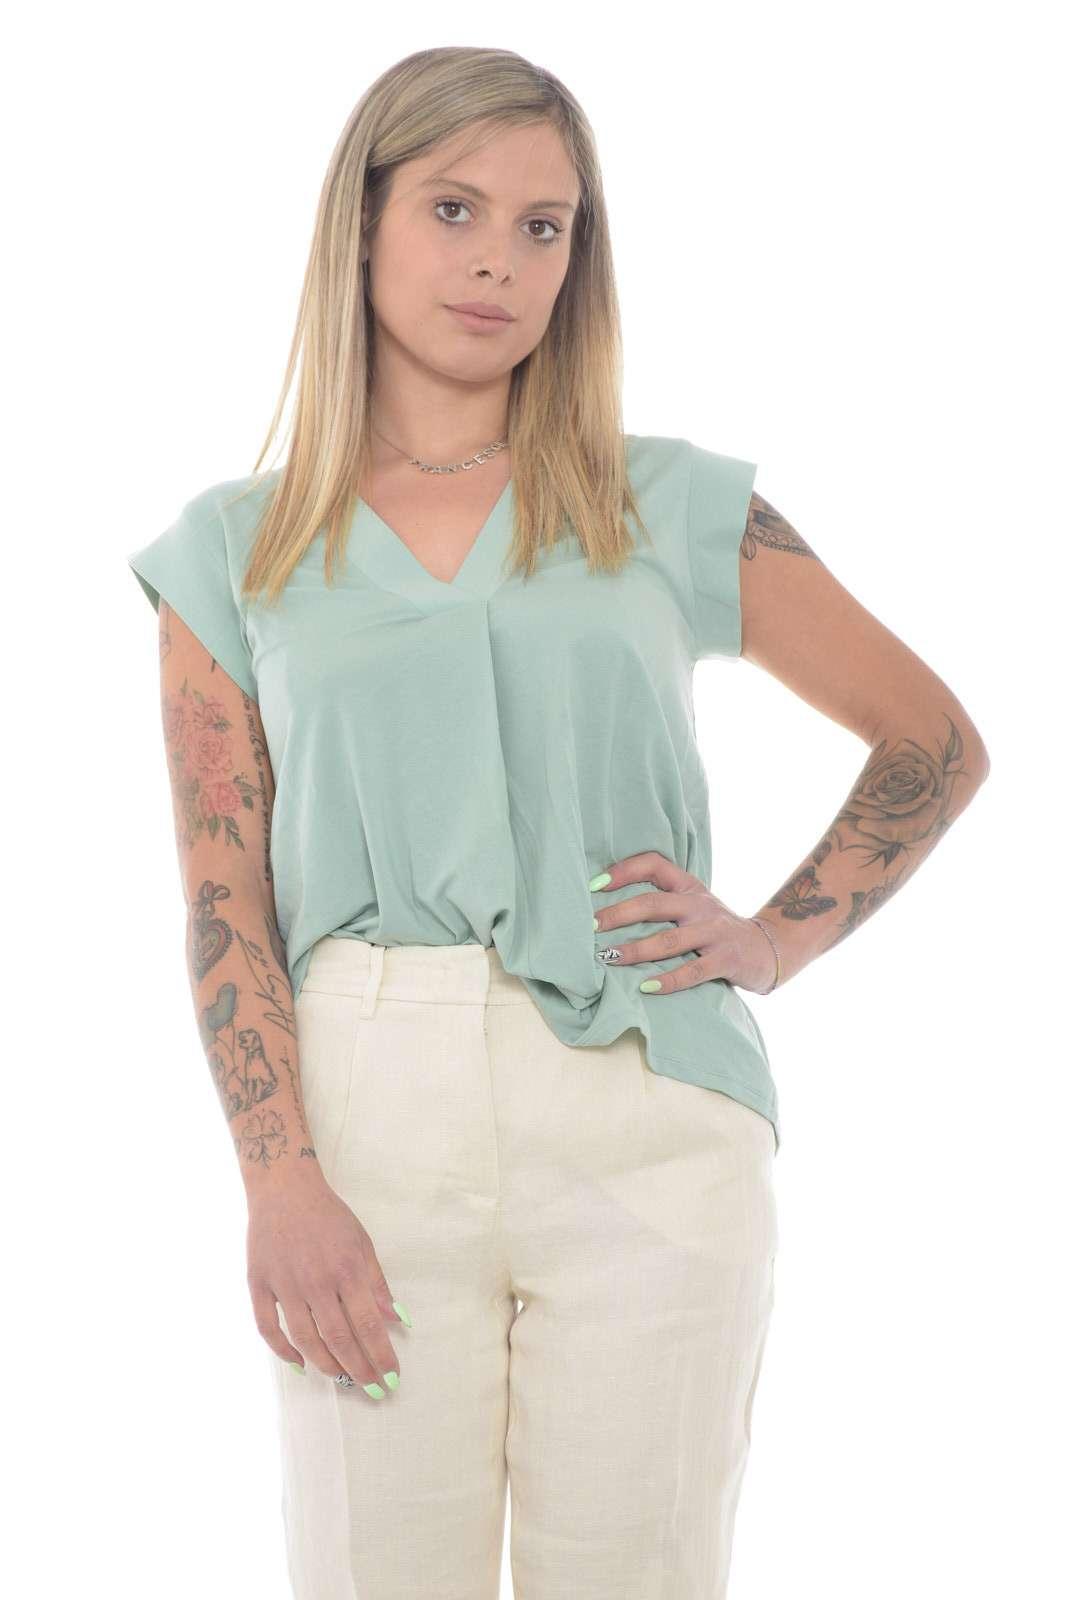 Basic e pratica, la blusa donna proposta da Weekend MaxMara unisce tutti i gusti. Da indossare sia con jeans che con pantaloni, è resa iconica dallo scollo a v e dalla plissettatura sul davanti. Un capo essenziale per ogni look, è un must have.